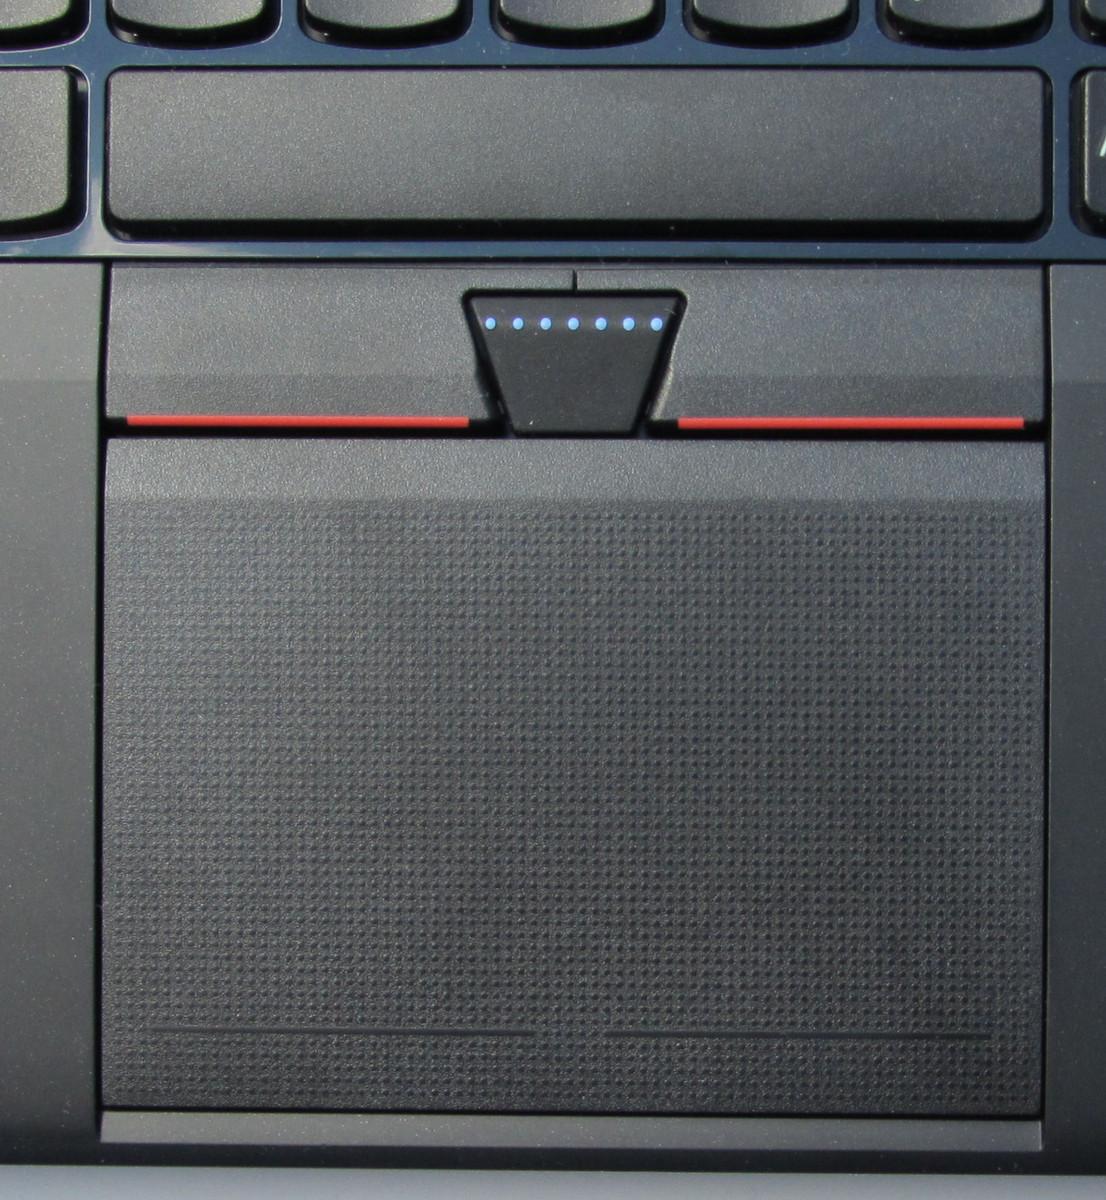 Lenovo Thinkpad Edge E535 TrueSuite Fingerprint Reader Driver (2019)